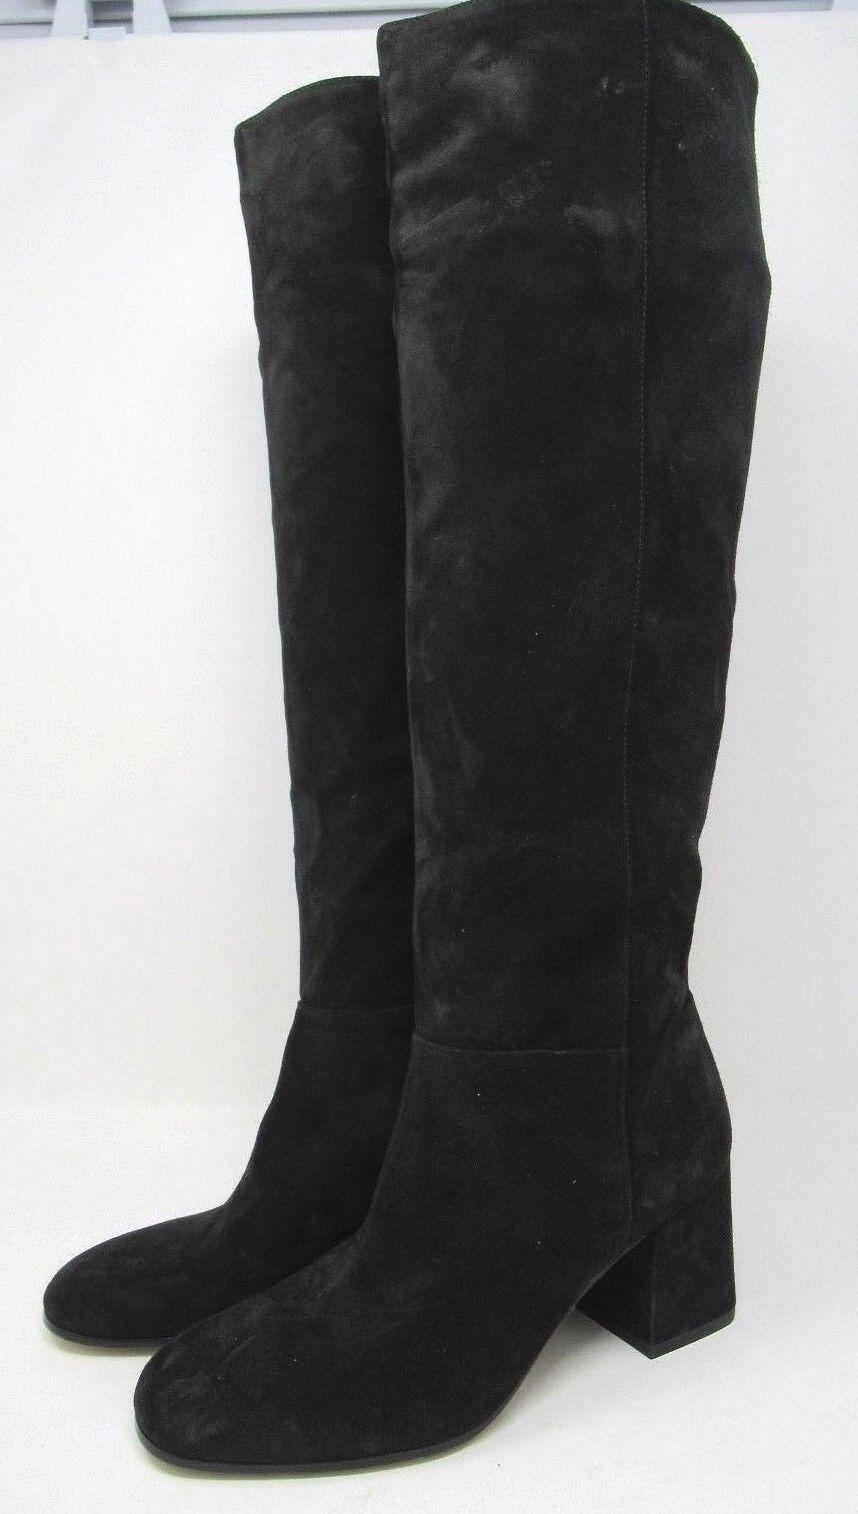 Via Spiga Women's  Nigel  Suede Block Heel Boots Black - 6 NEW